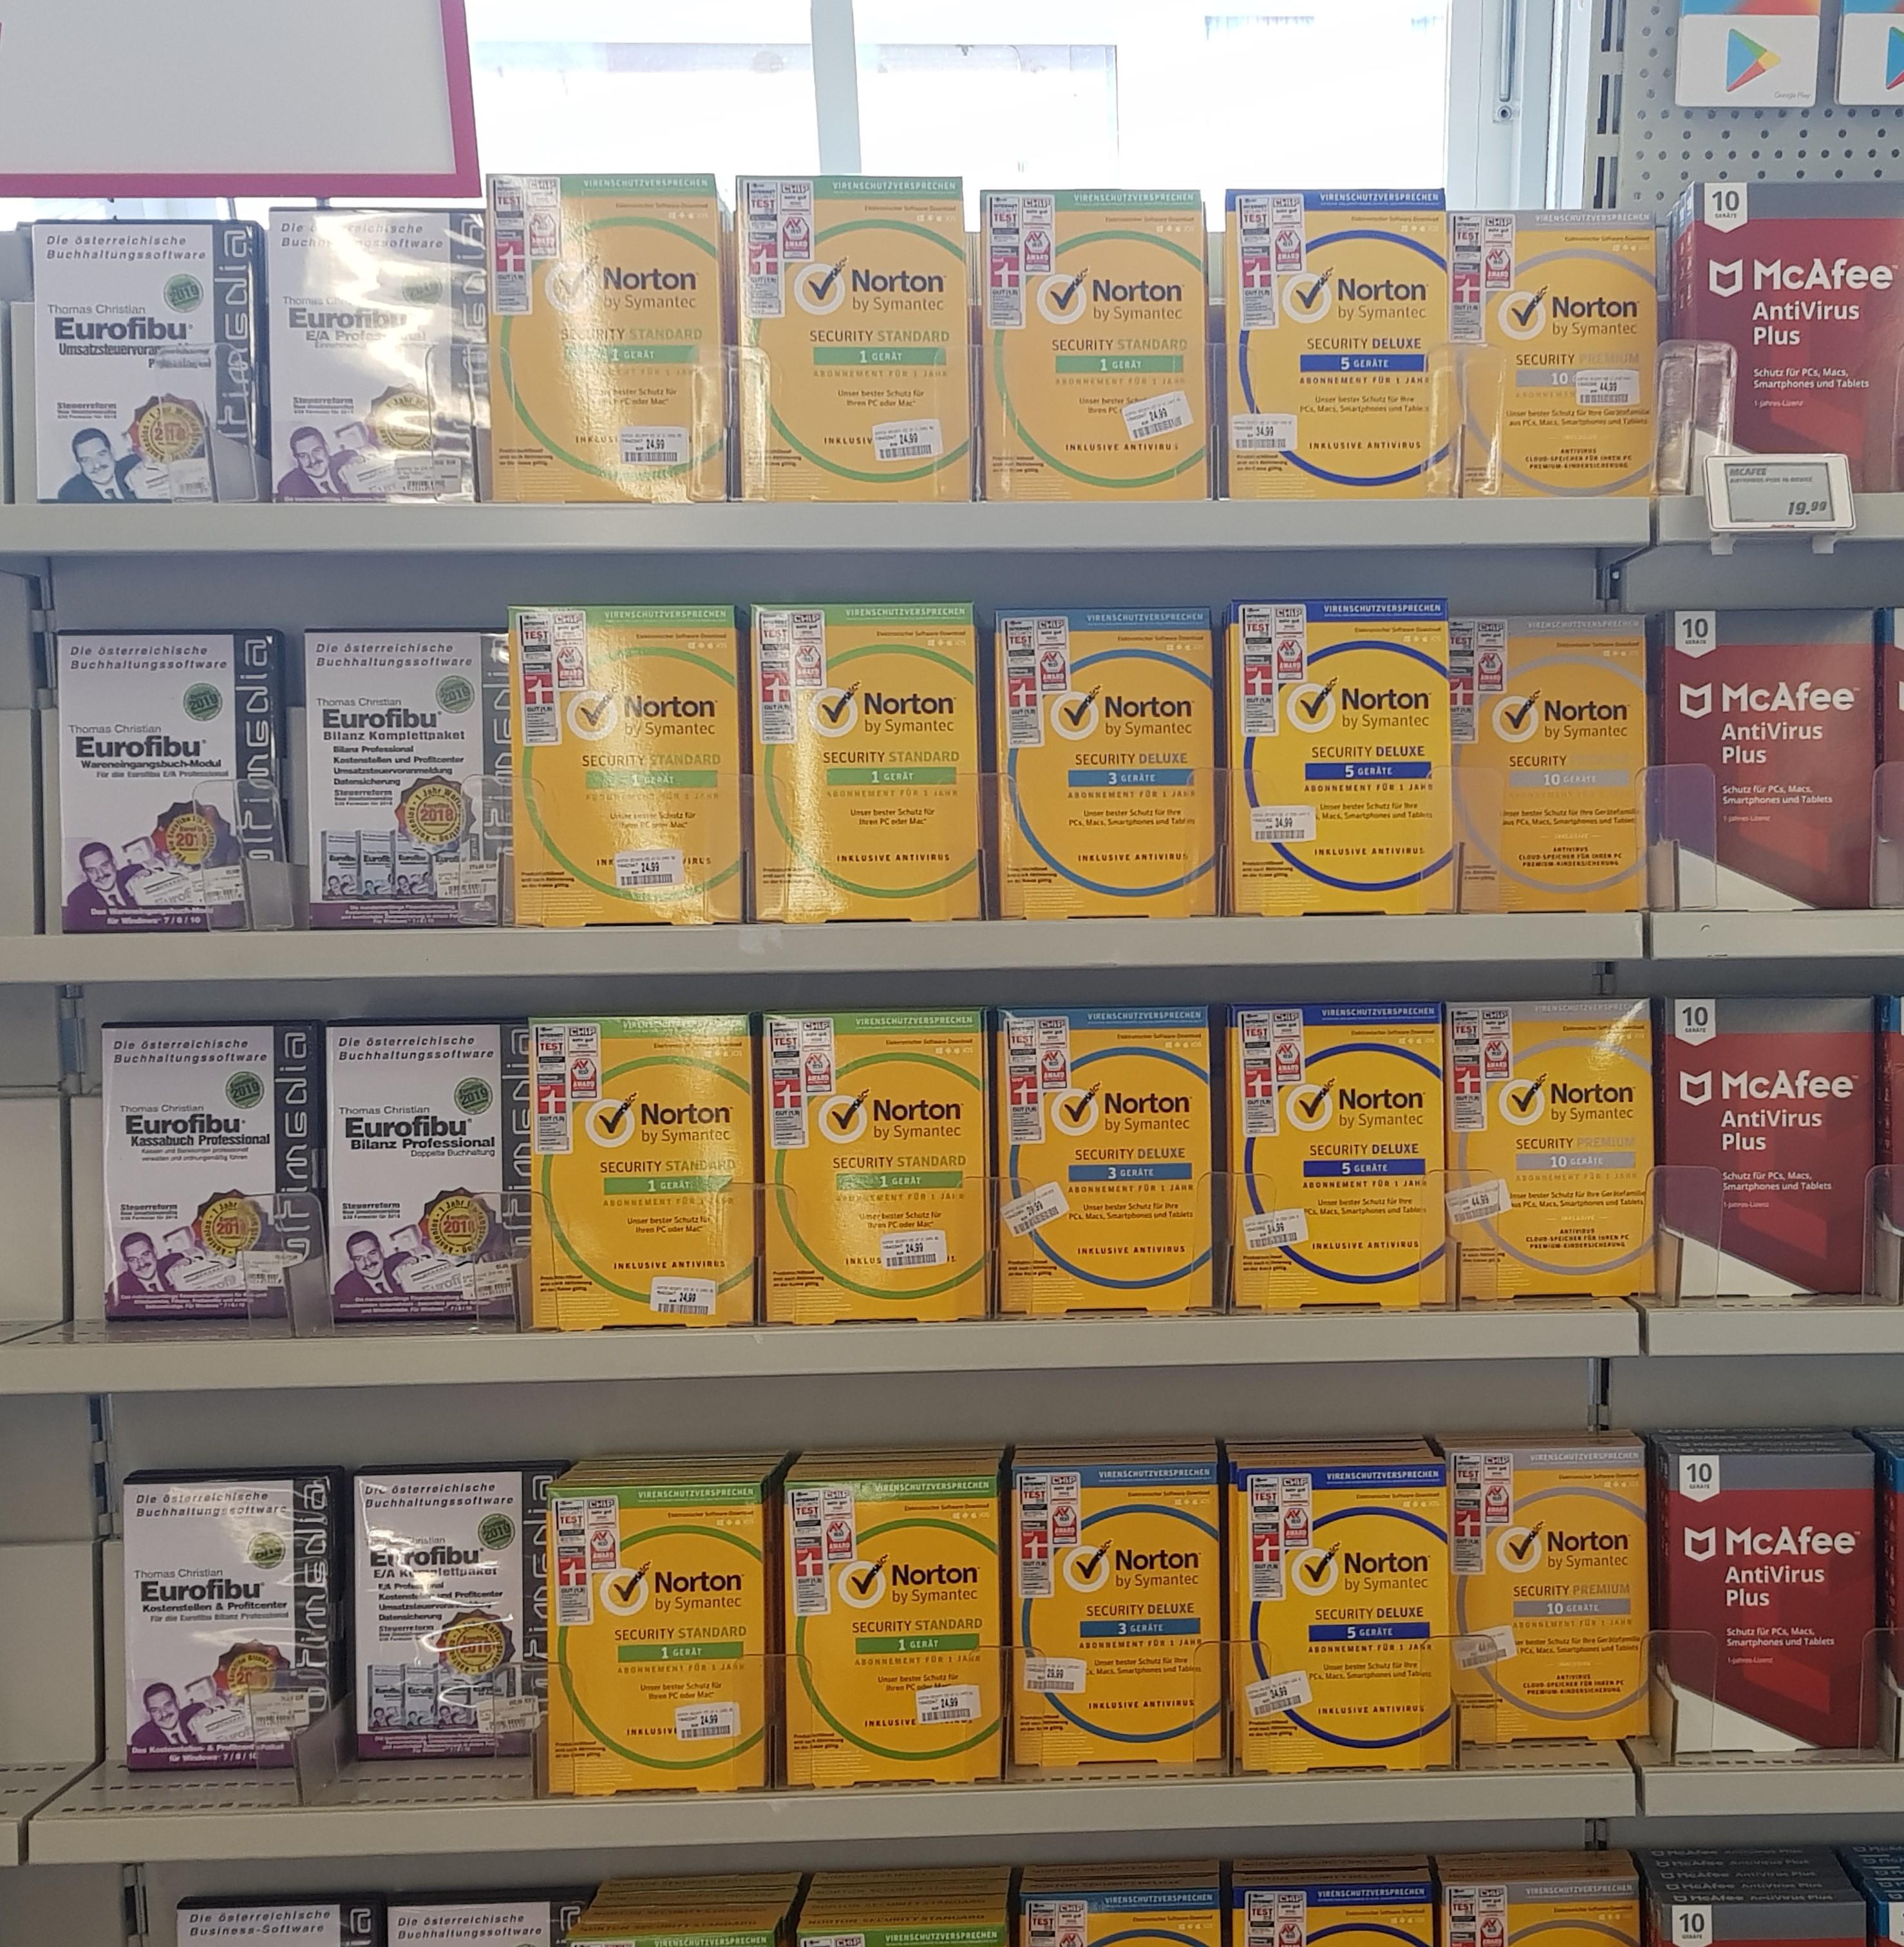 Eurofibu Die österreichische Buchhaltungssoftware Vertriebspartner